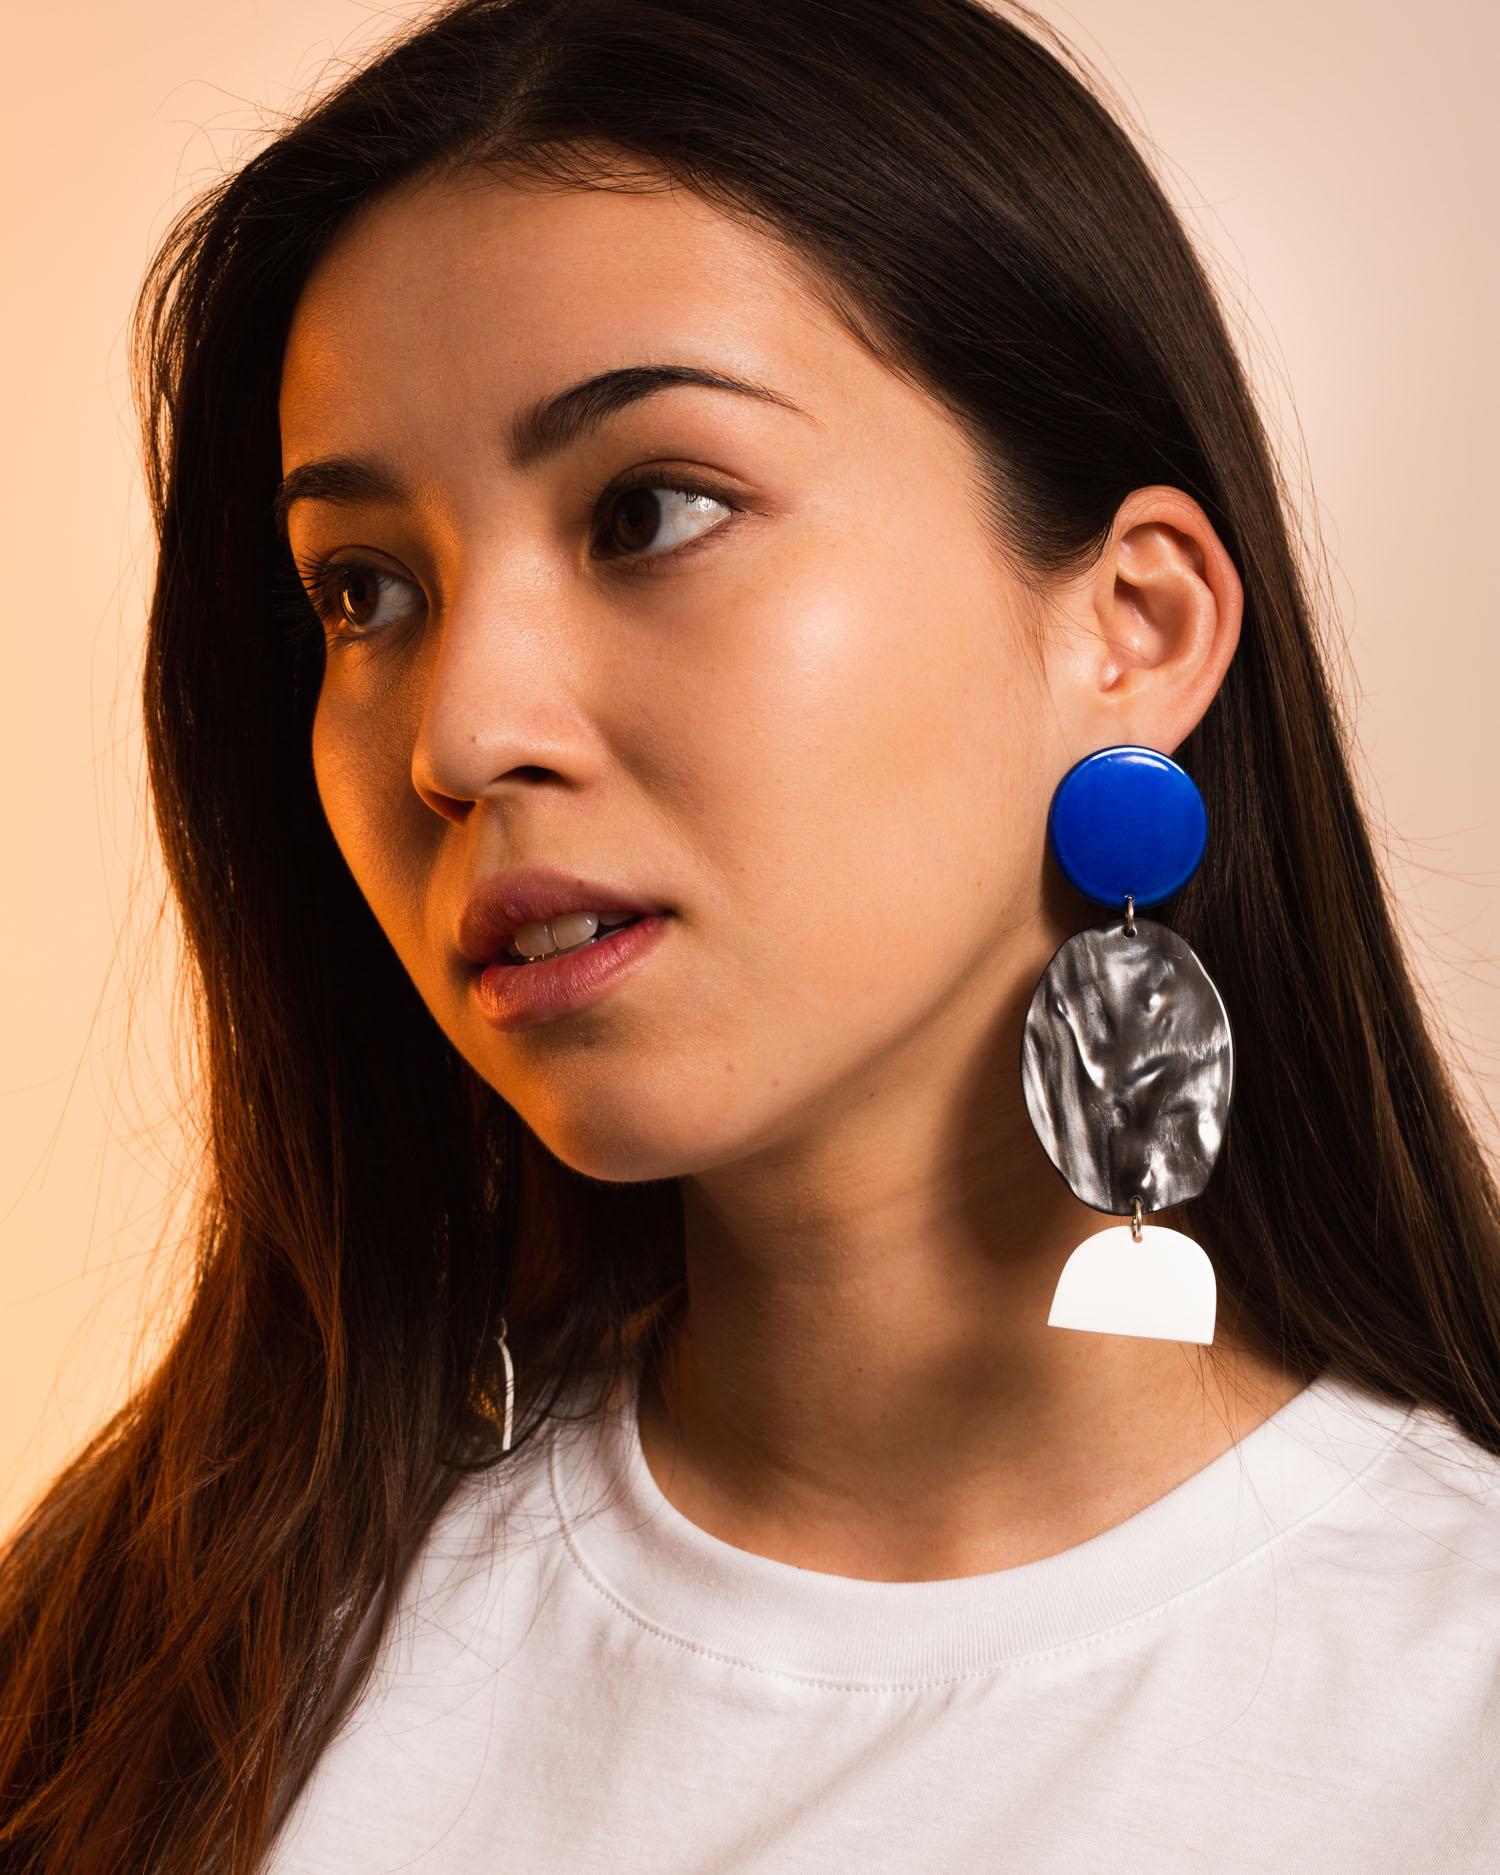 Lisa wears the  Rock Earrings in Azure Chrome